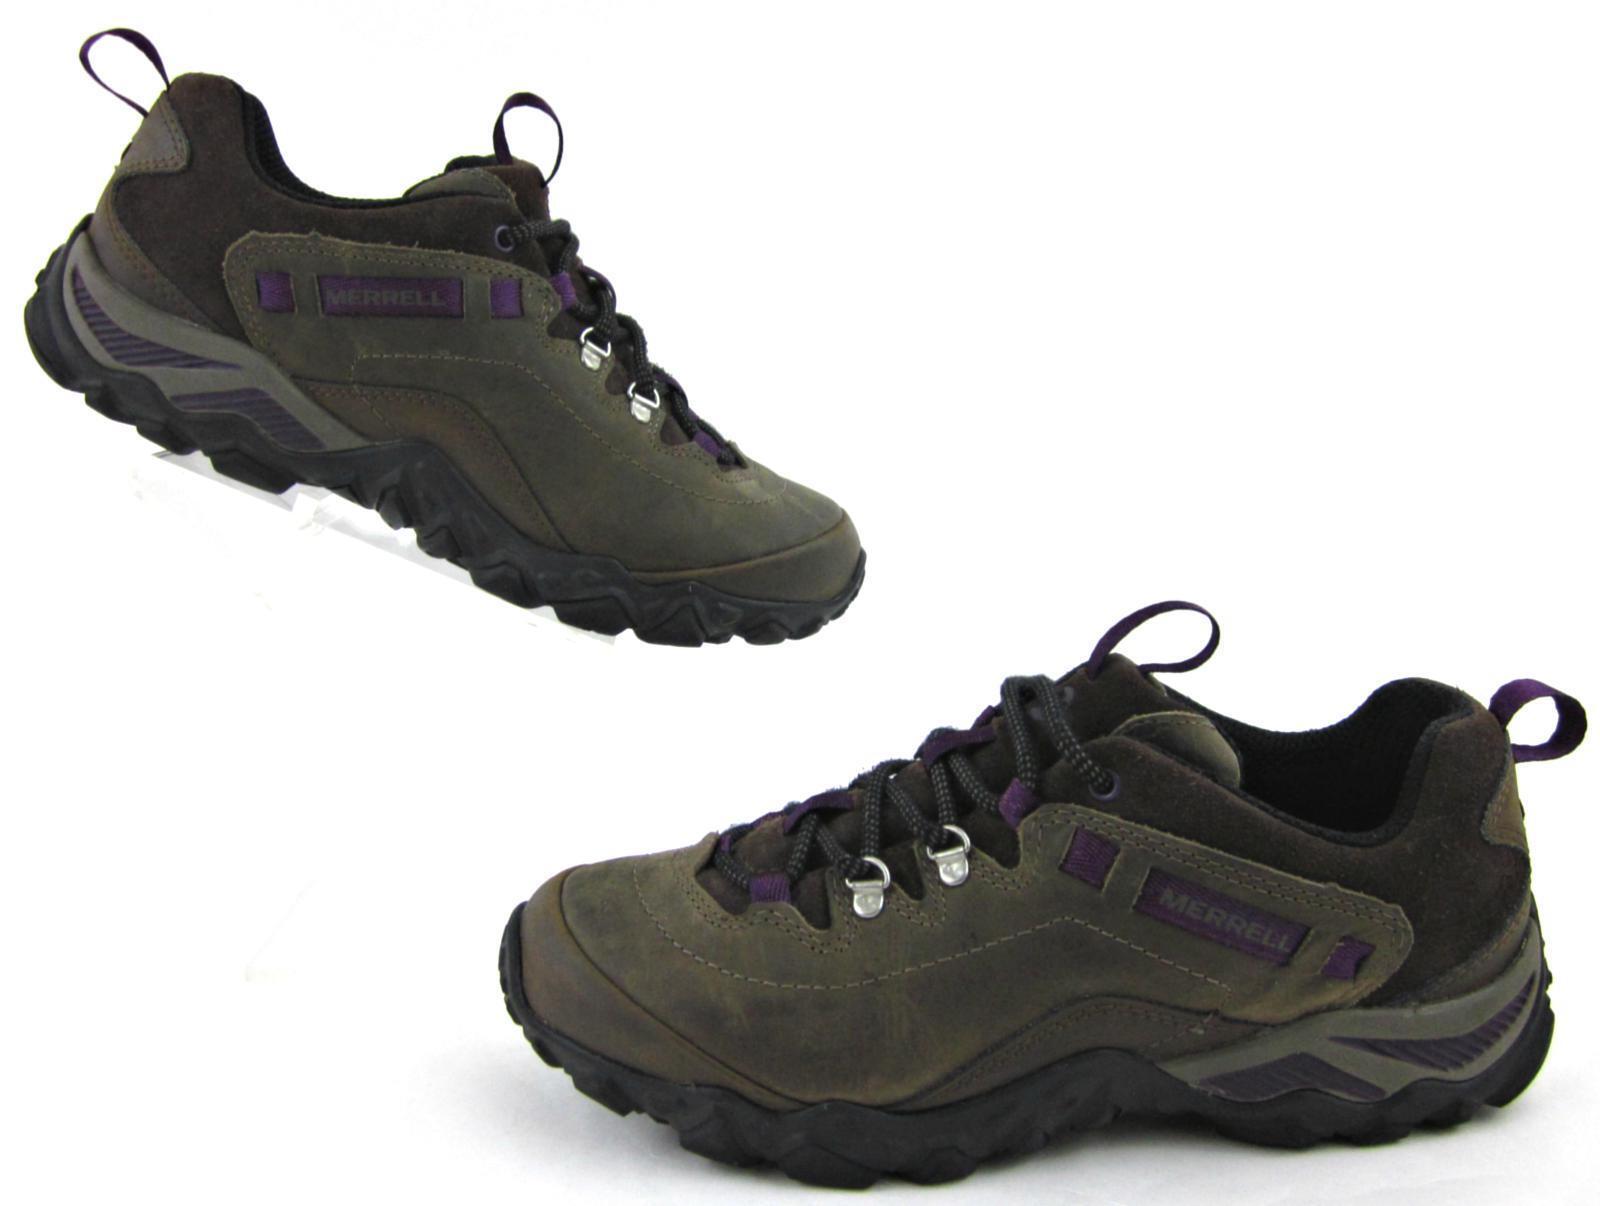 Merrell Chameleon Shift Traveler Purple Hiking Schuhes Olive Braun Purple Traveler Leder US 7.5 719166